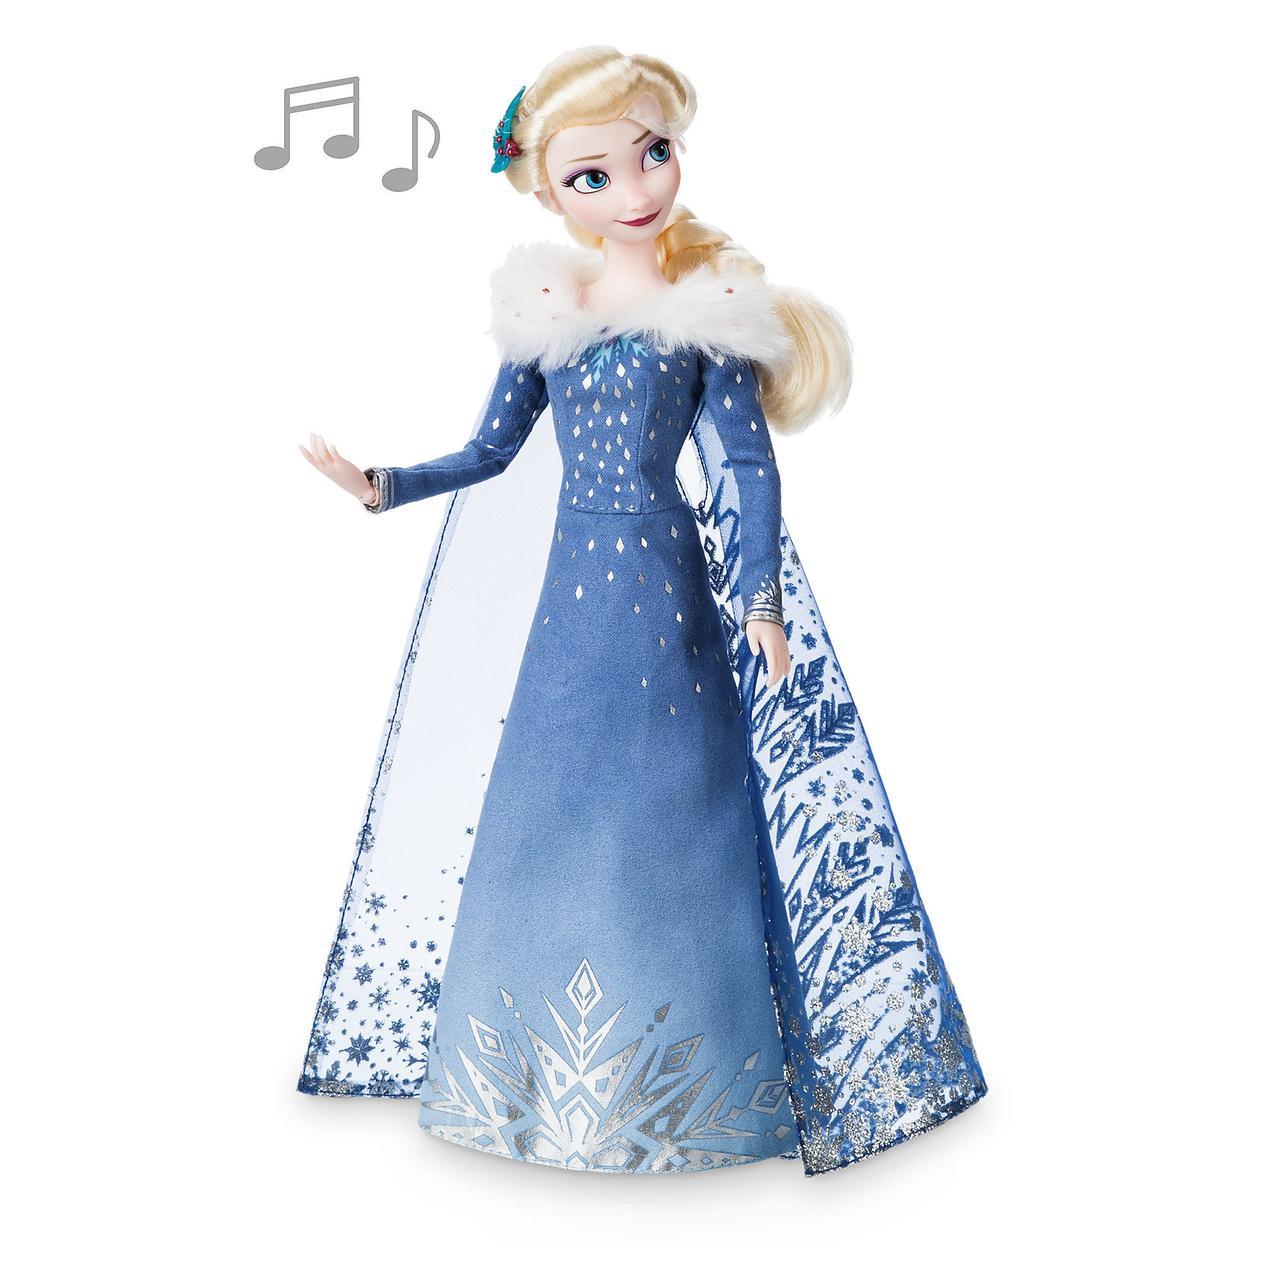 Поющая кукла Эльза - Холодное сердце (Frozen) куклы Дисней - принцесса Elsa